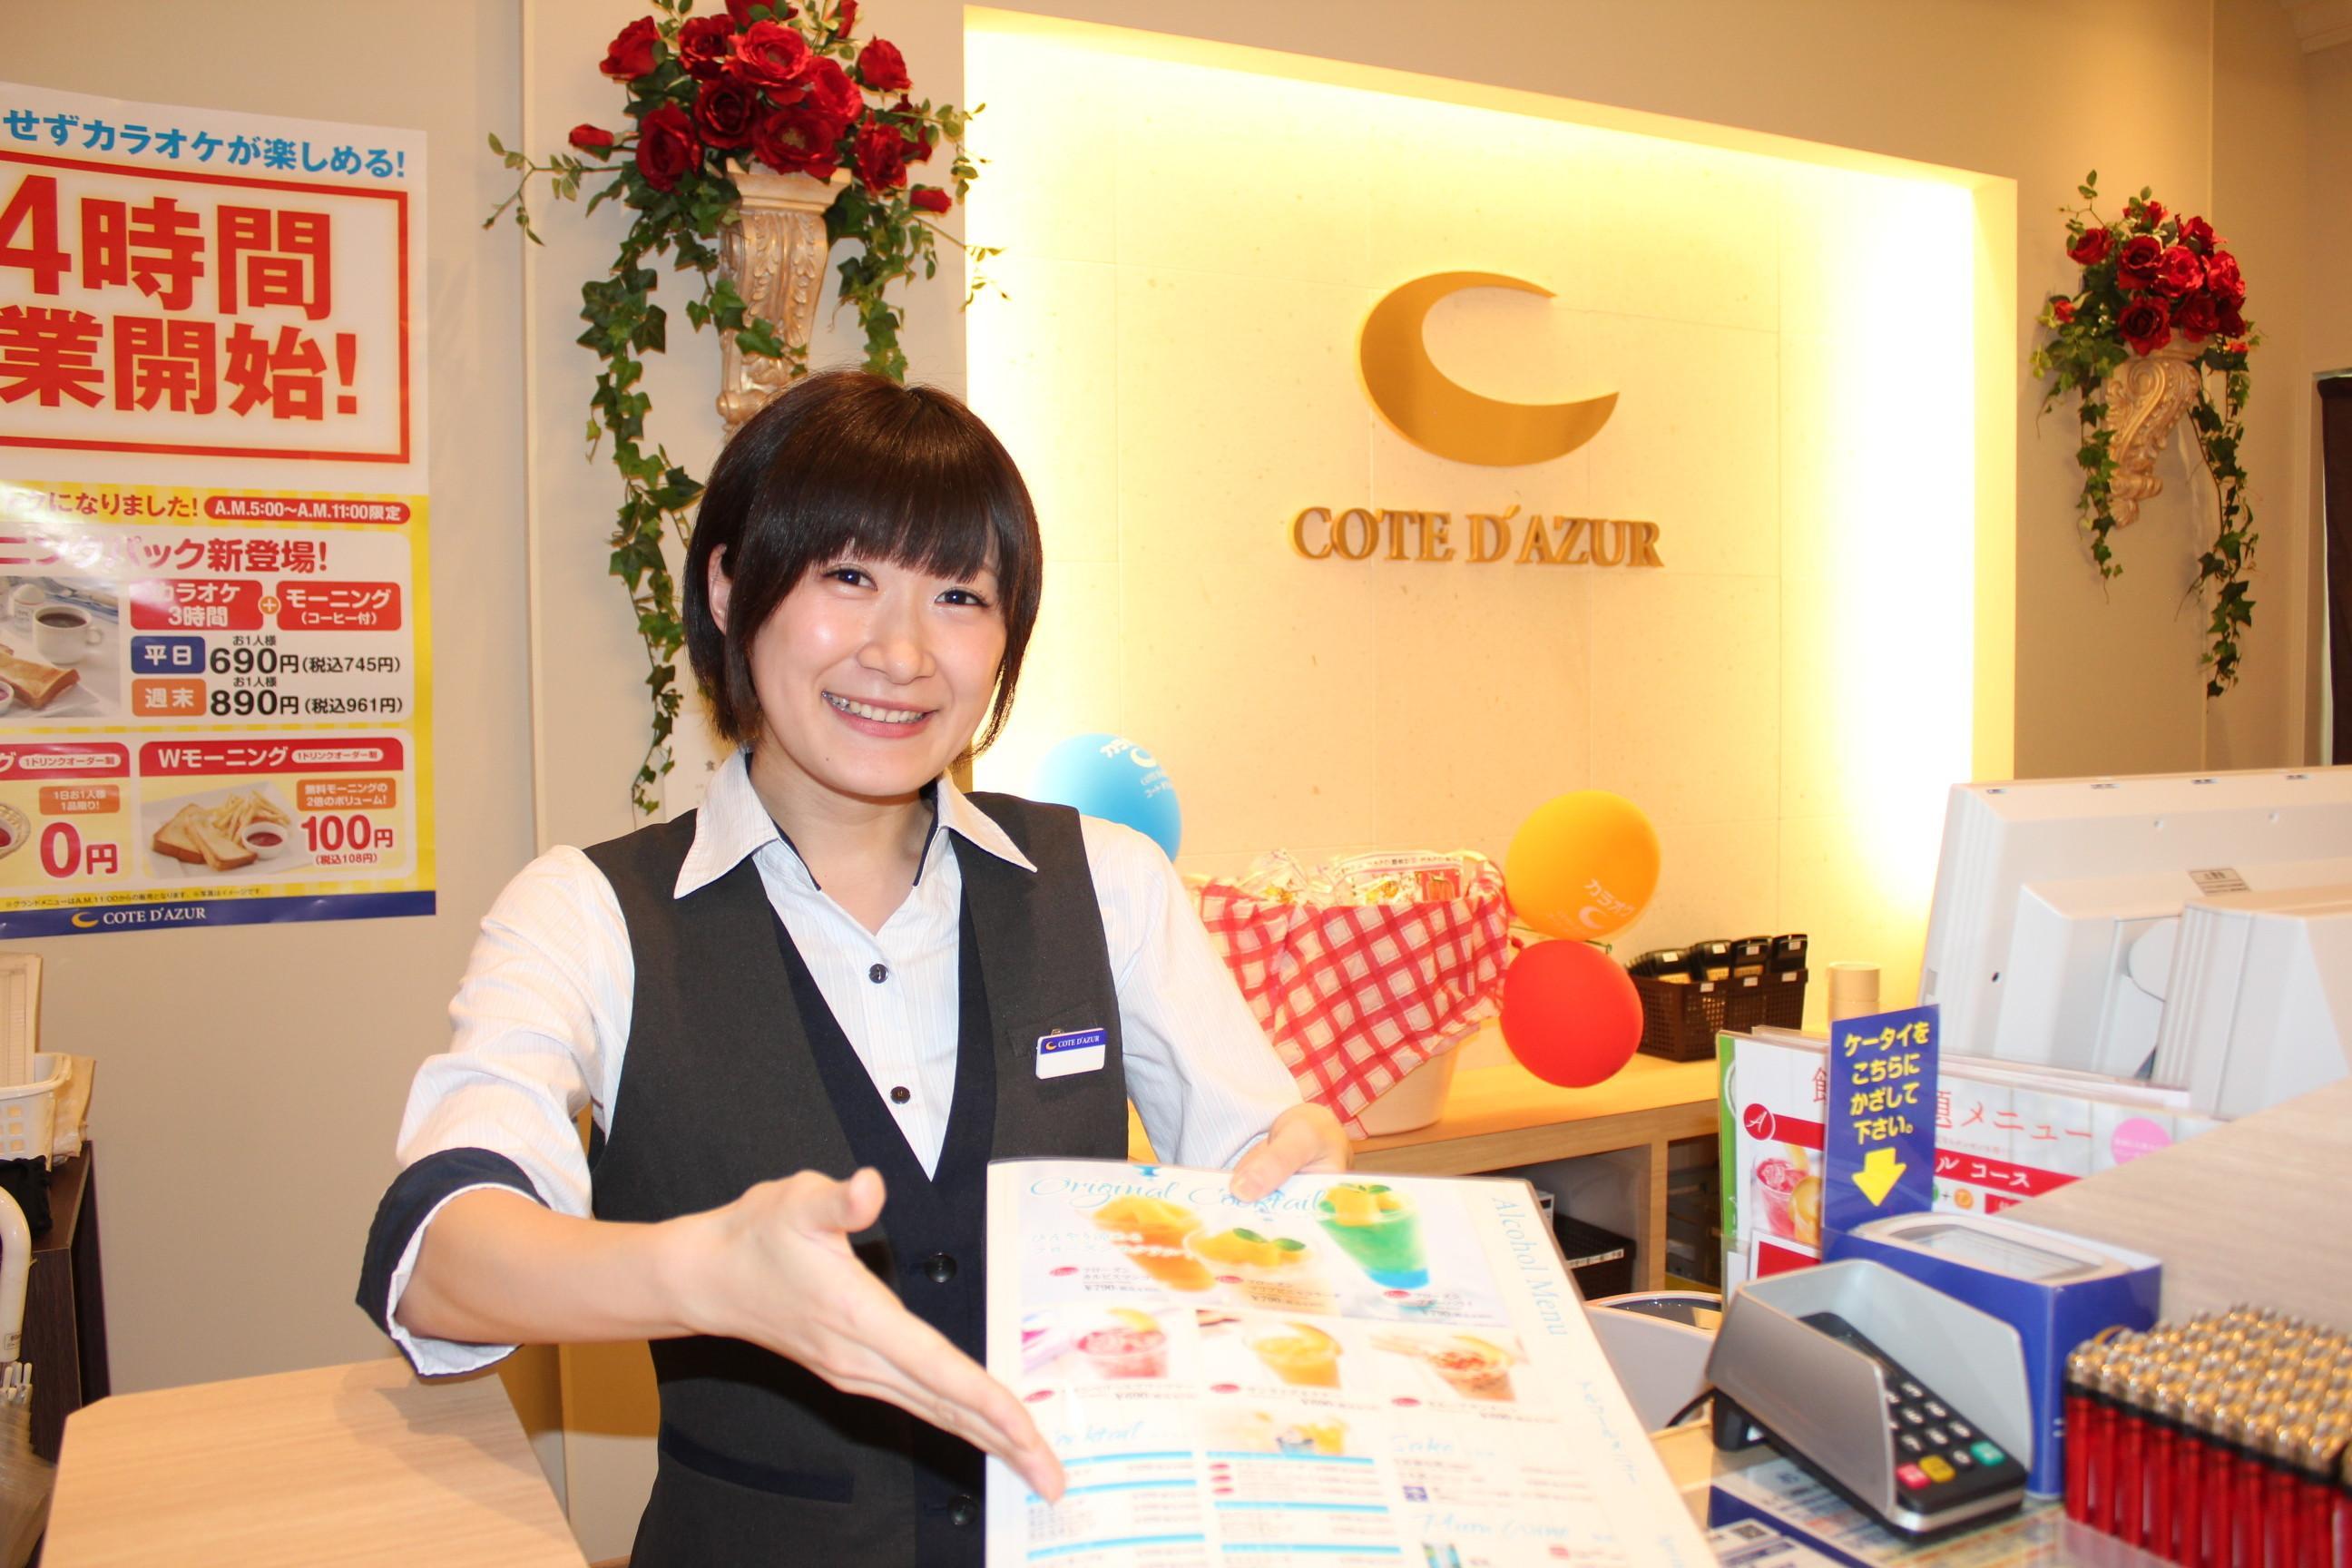 コート・ダジュール 巣鴨店 のアルバイト情報